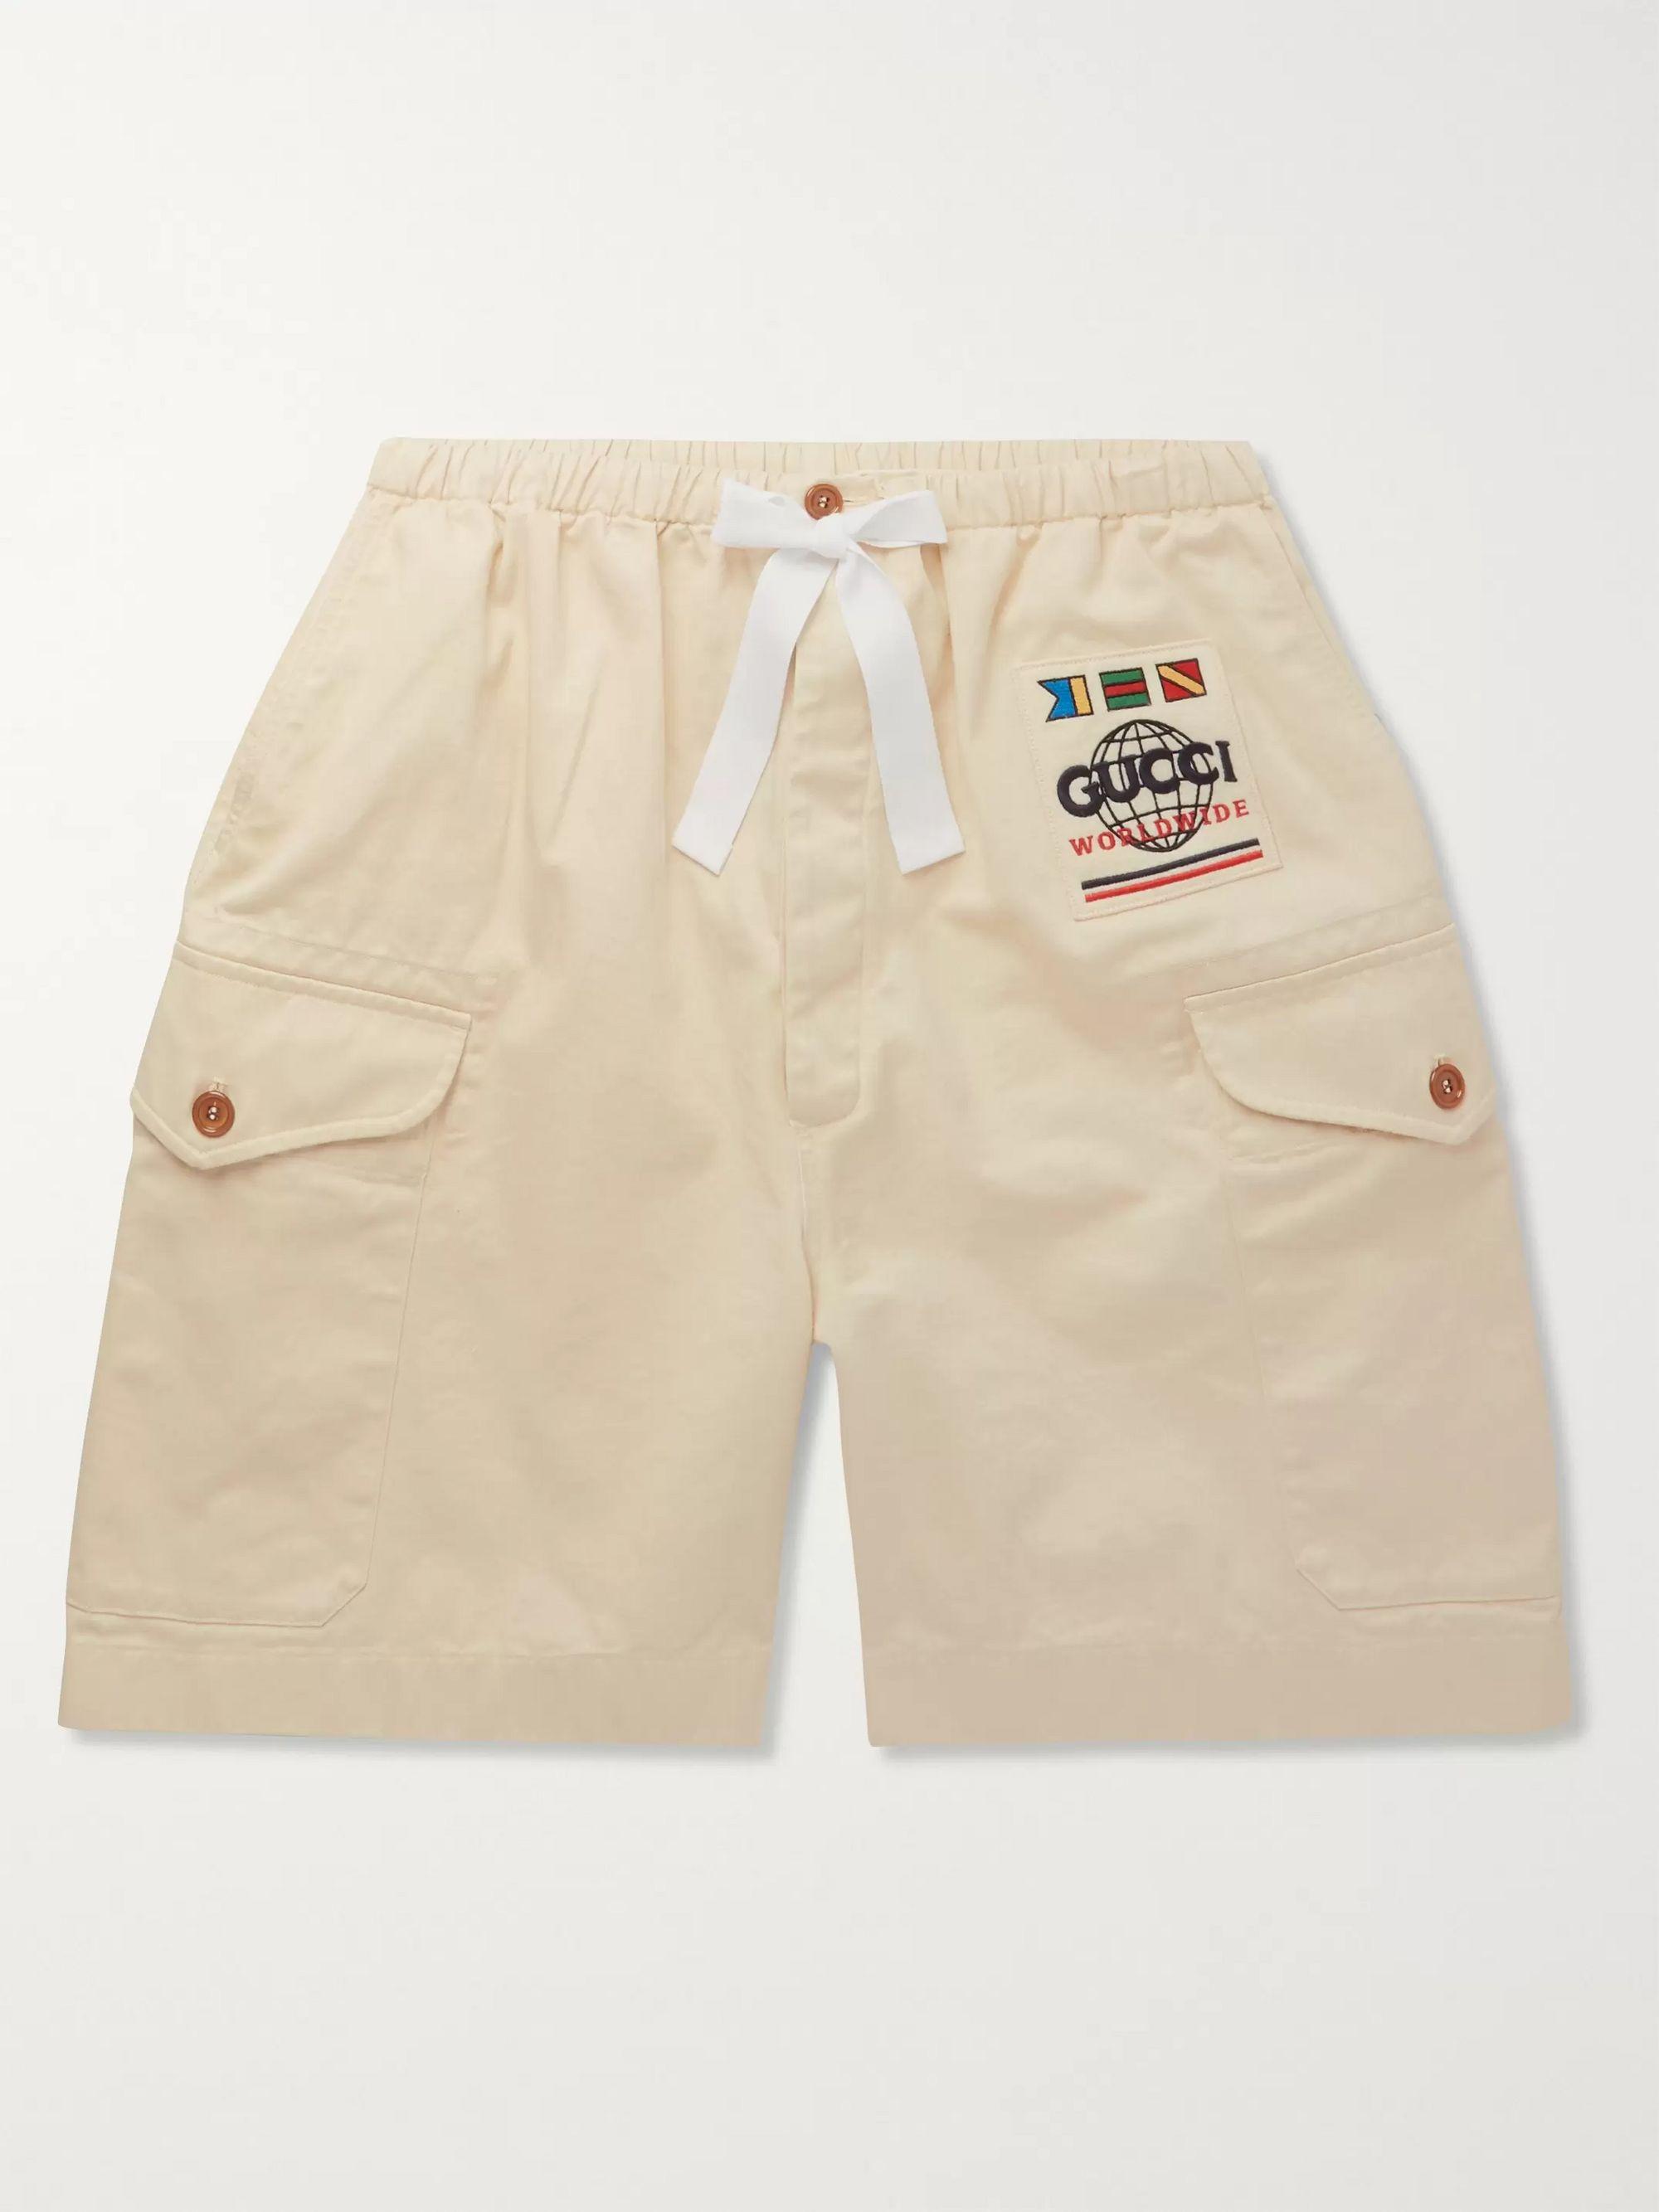 구찌 Gucci Wide-Leg Appliqued Cotton-Twill Cargo Shorts,Beige